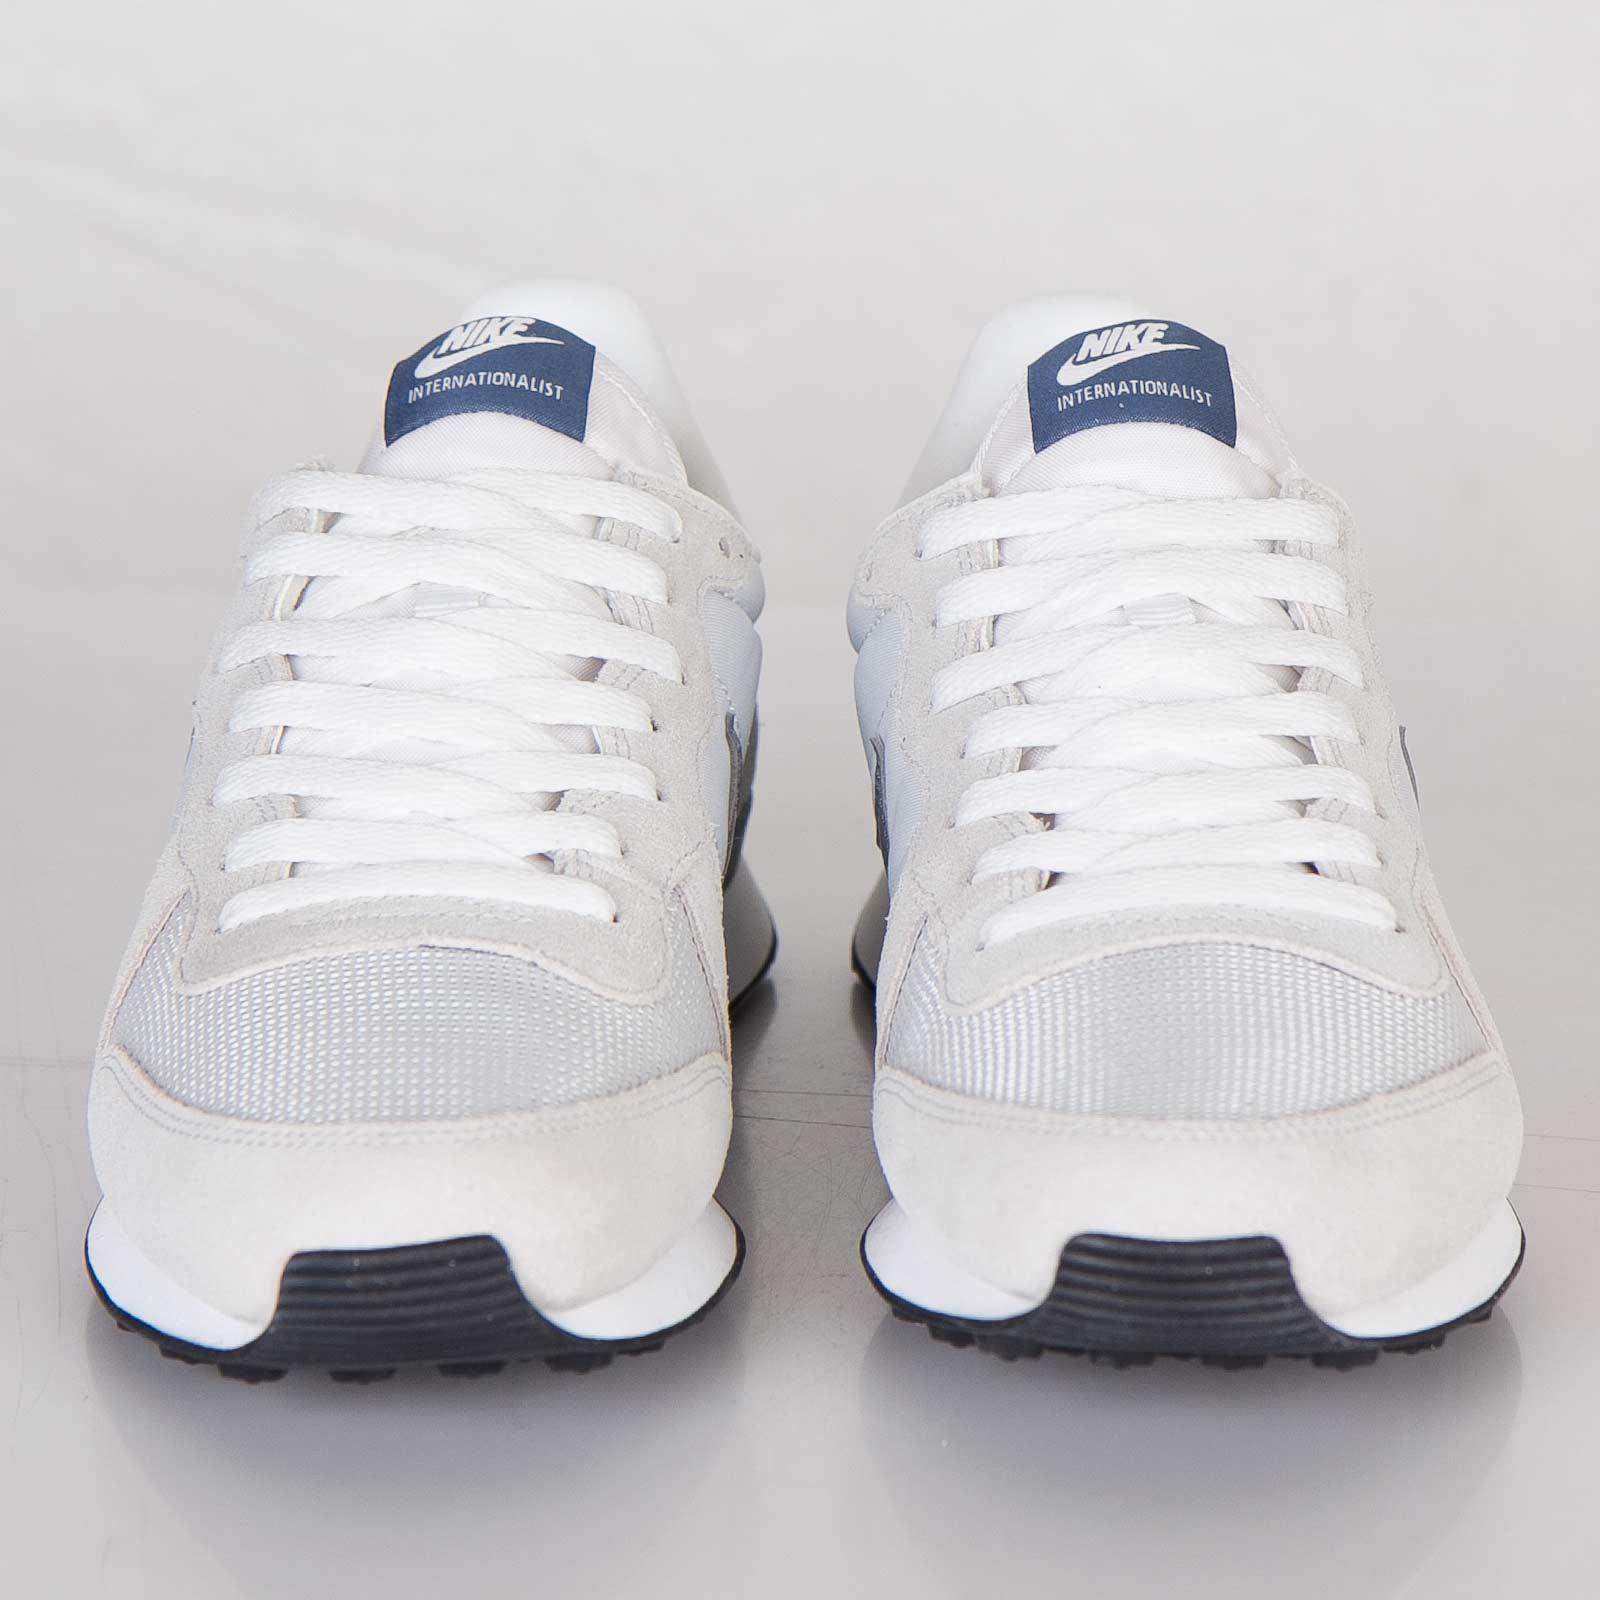 newest dd46d 44a70 Nike Internationalist - 631754-002 - Sneakersnstuff   sneakers   streetwear  online since 1999